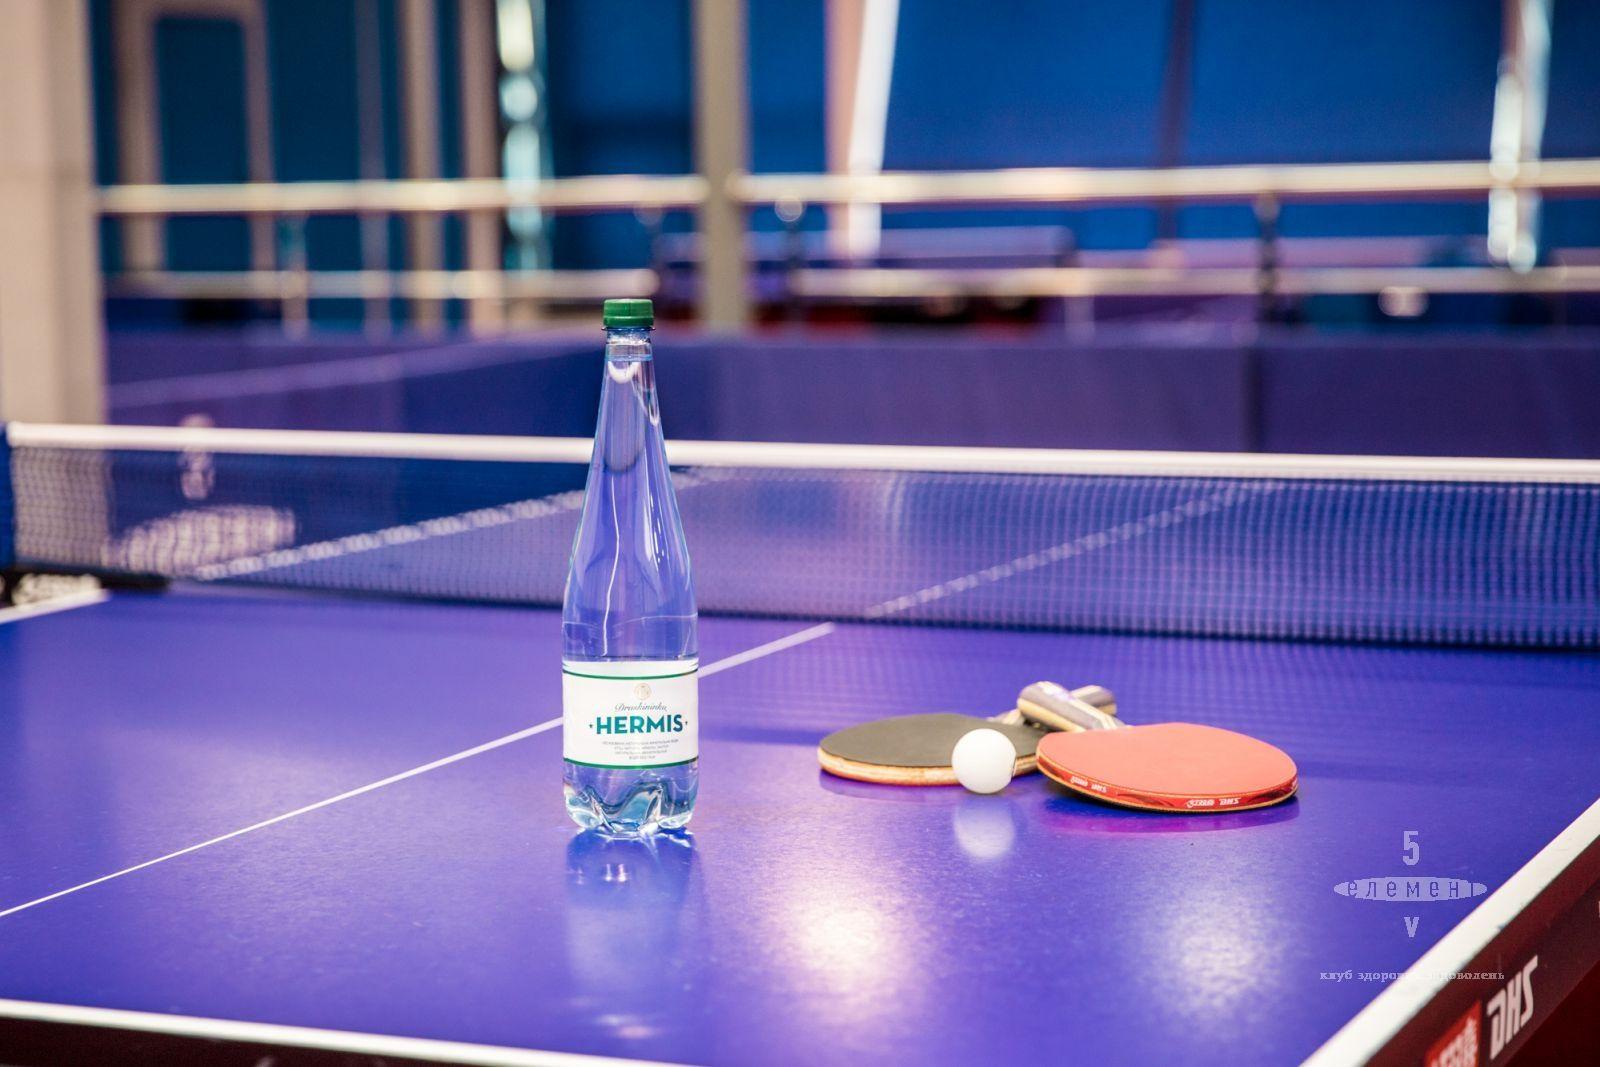 4-й тур открытого клубного чемпионата по настольному теннису— элитный семейный Фитнес-центр 5 Элемент